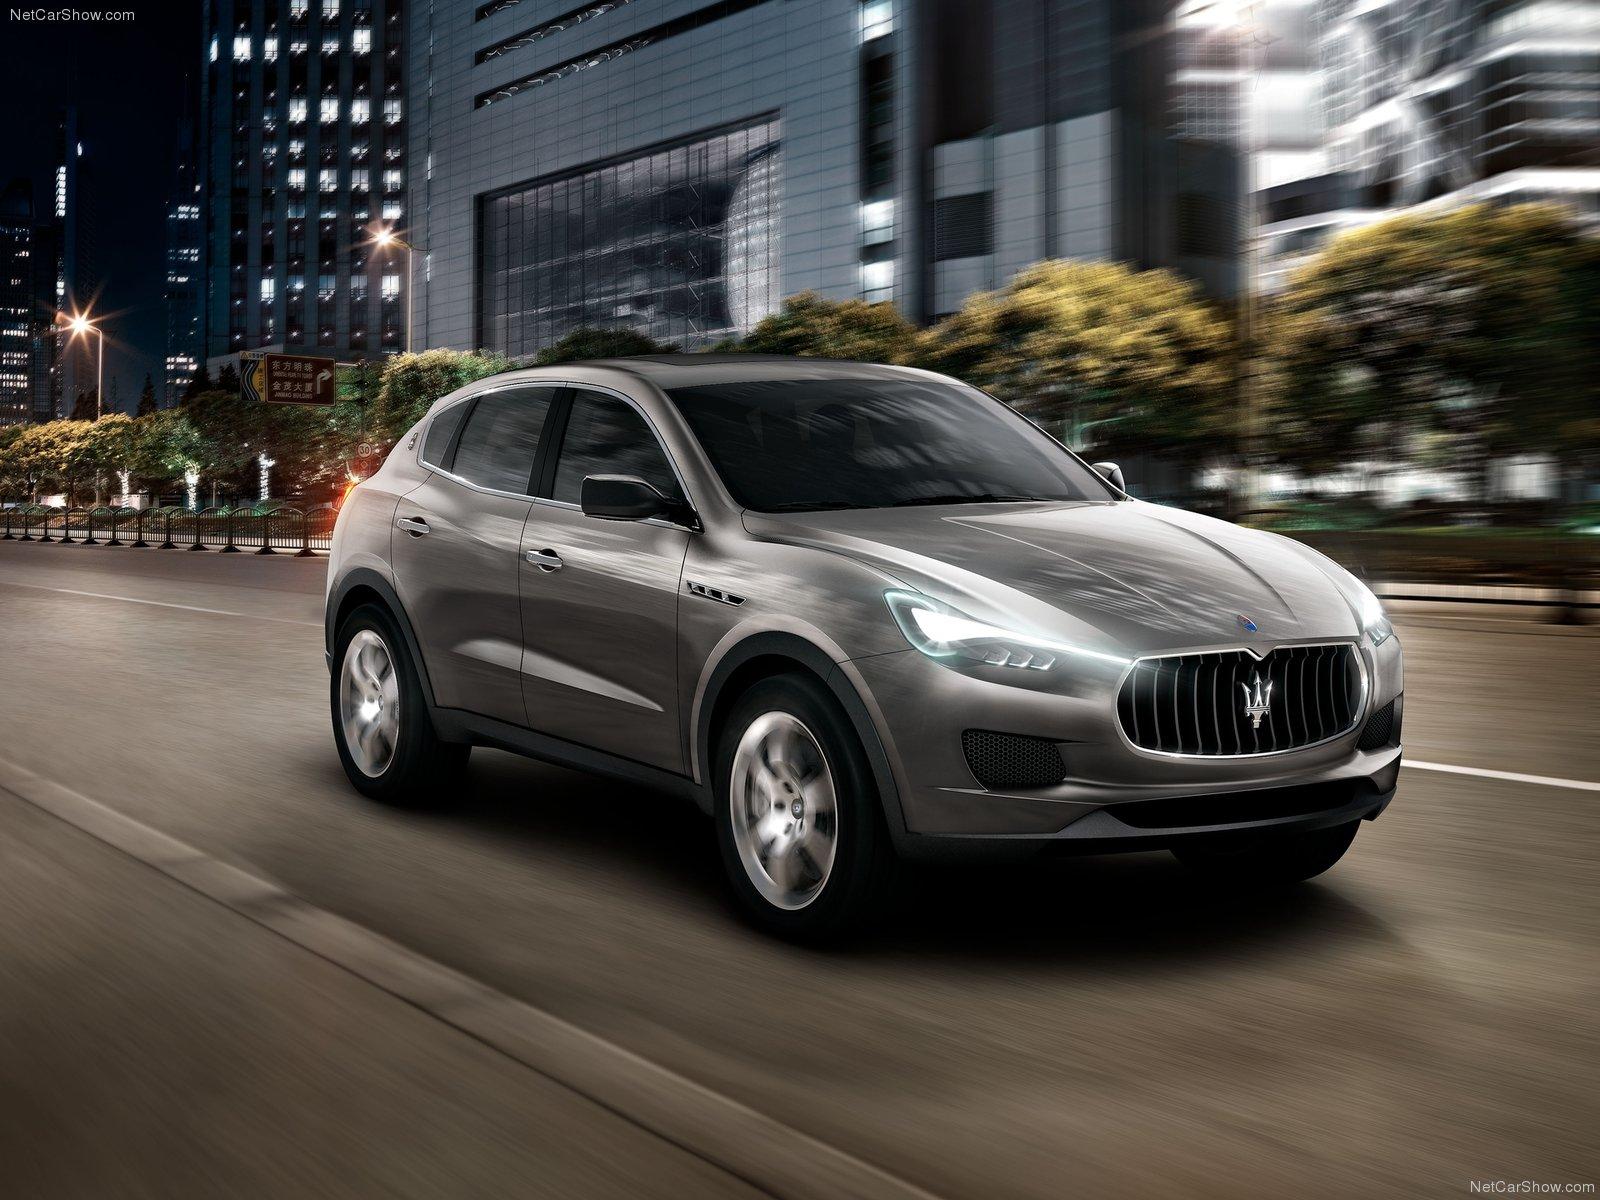 Hình ảnh siêu xe Maserati Kubang Concept 2011 & nội ngoại thất